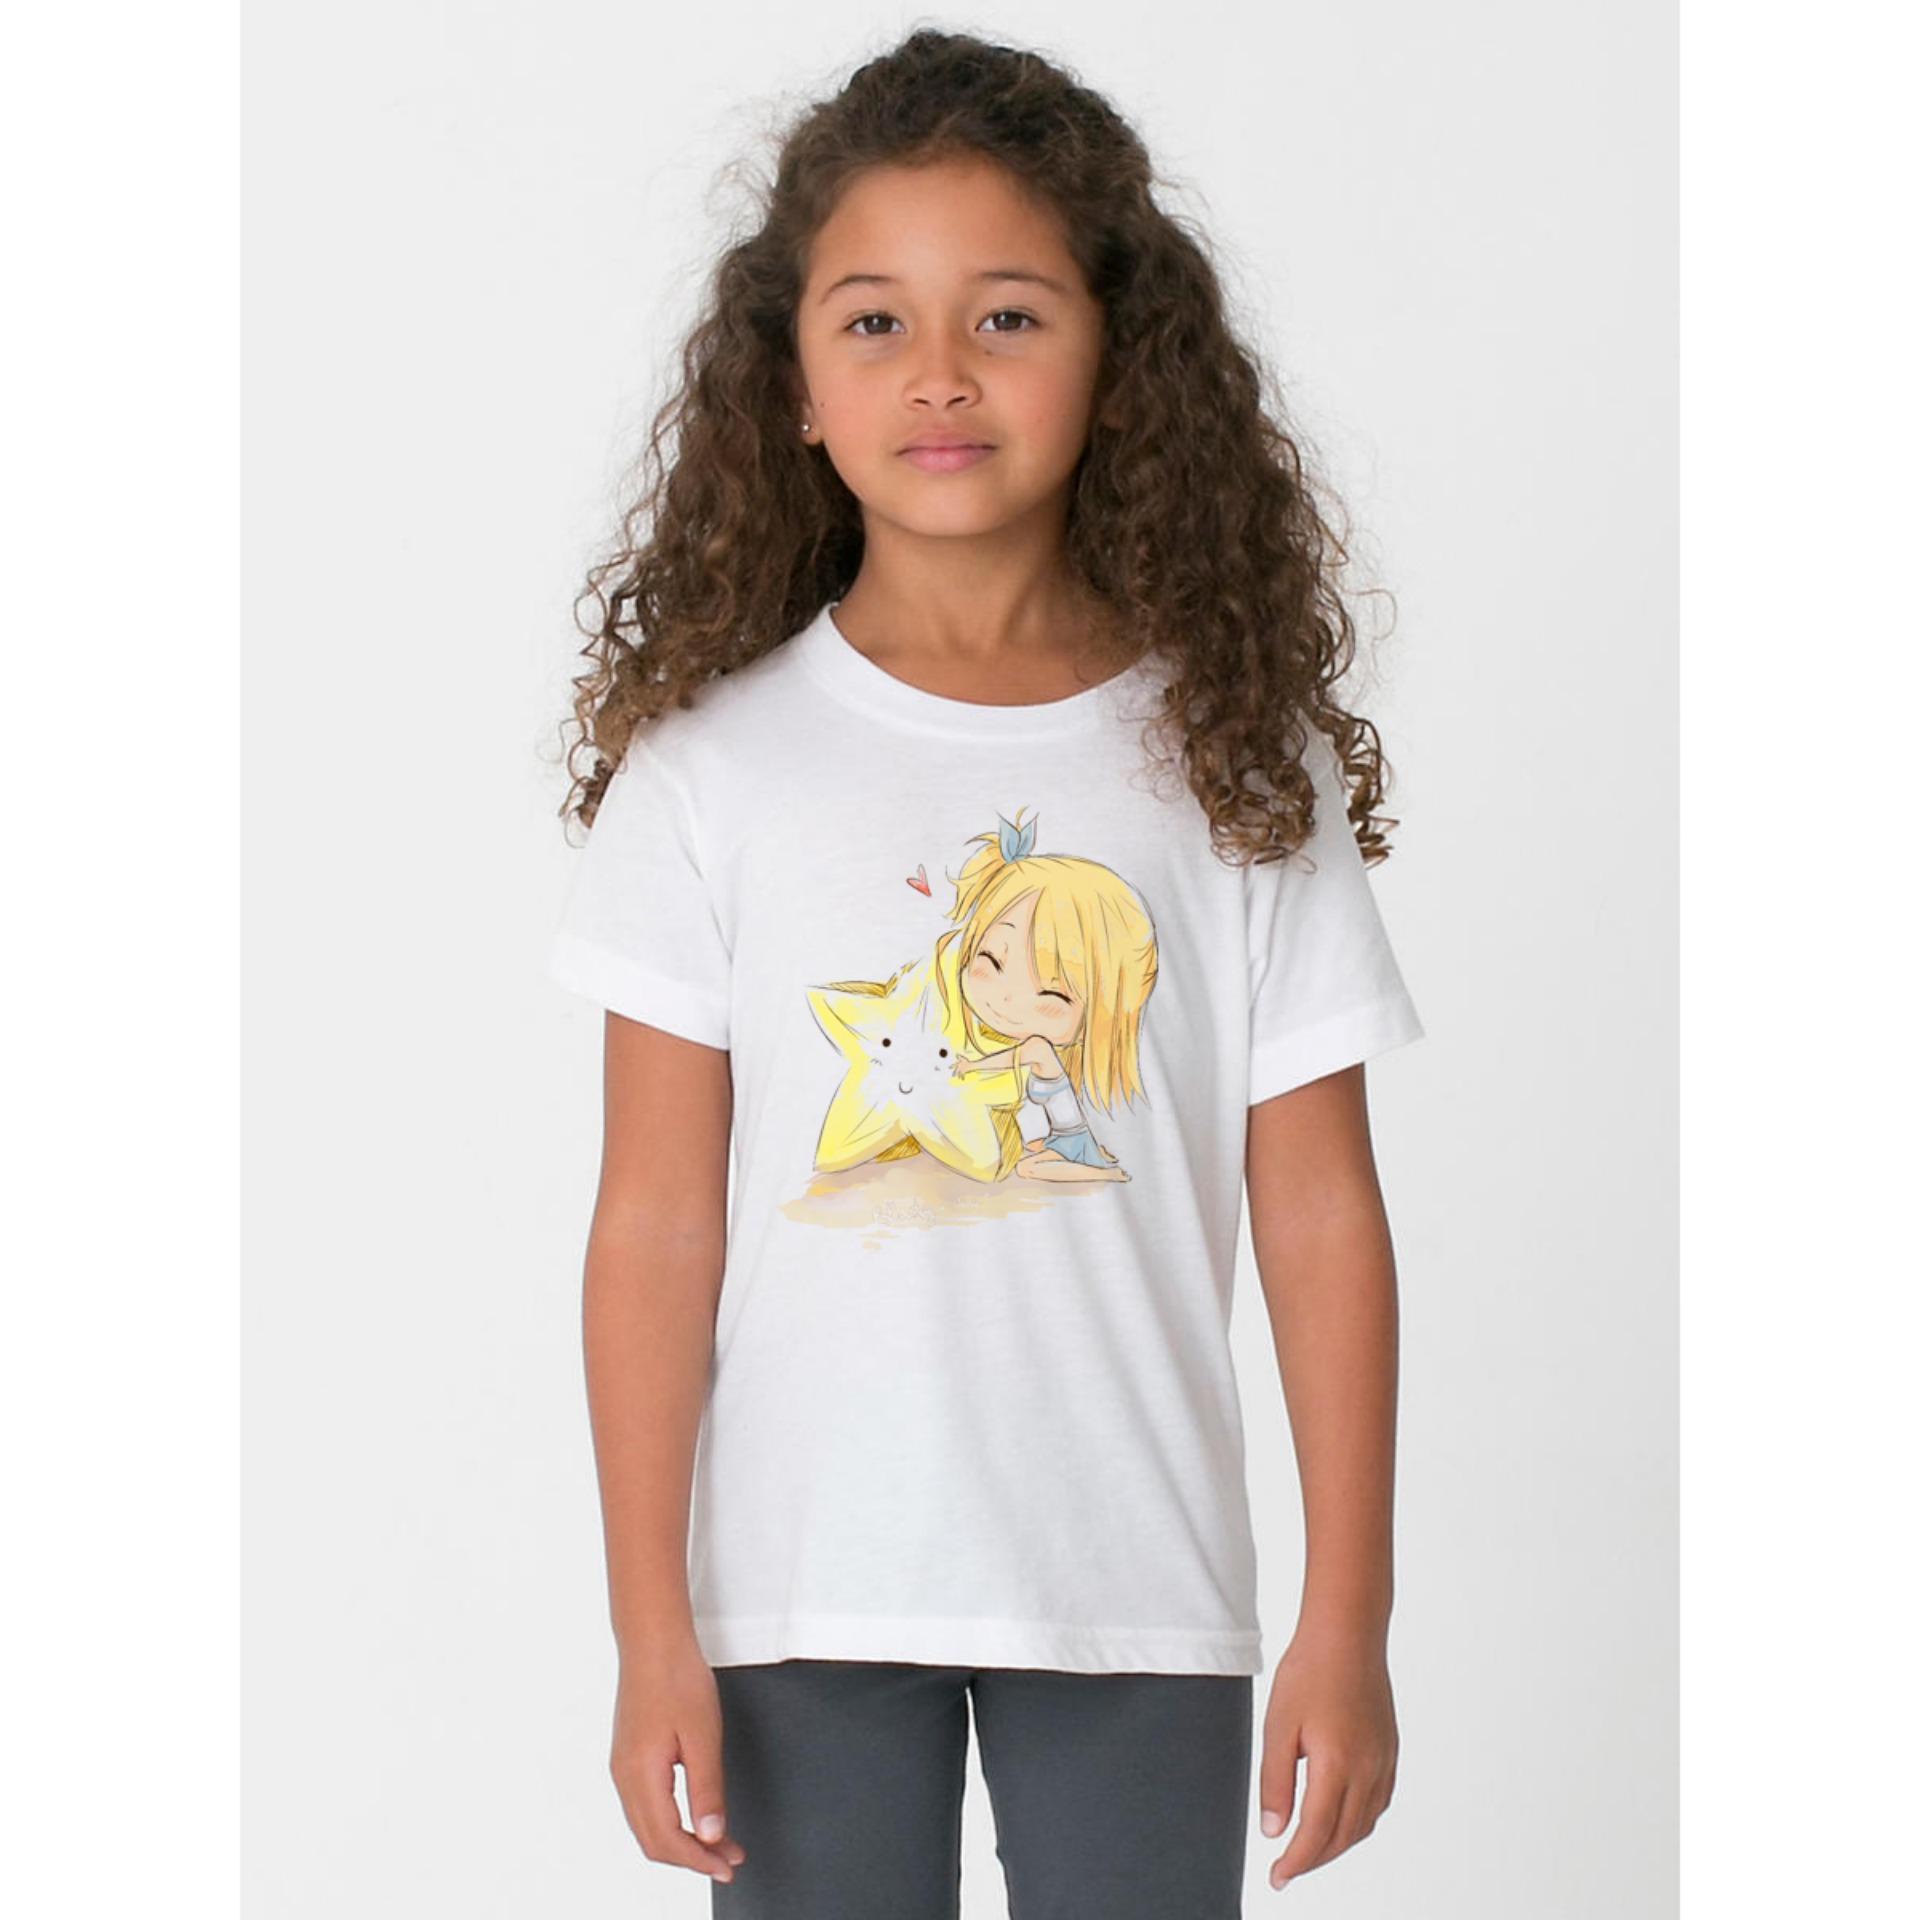 Áo Thun bé gái in hình chất liệu mềm mịn thoáng mát VNBG56